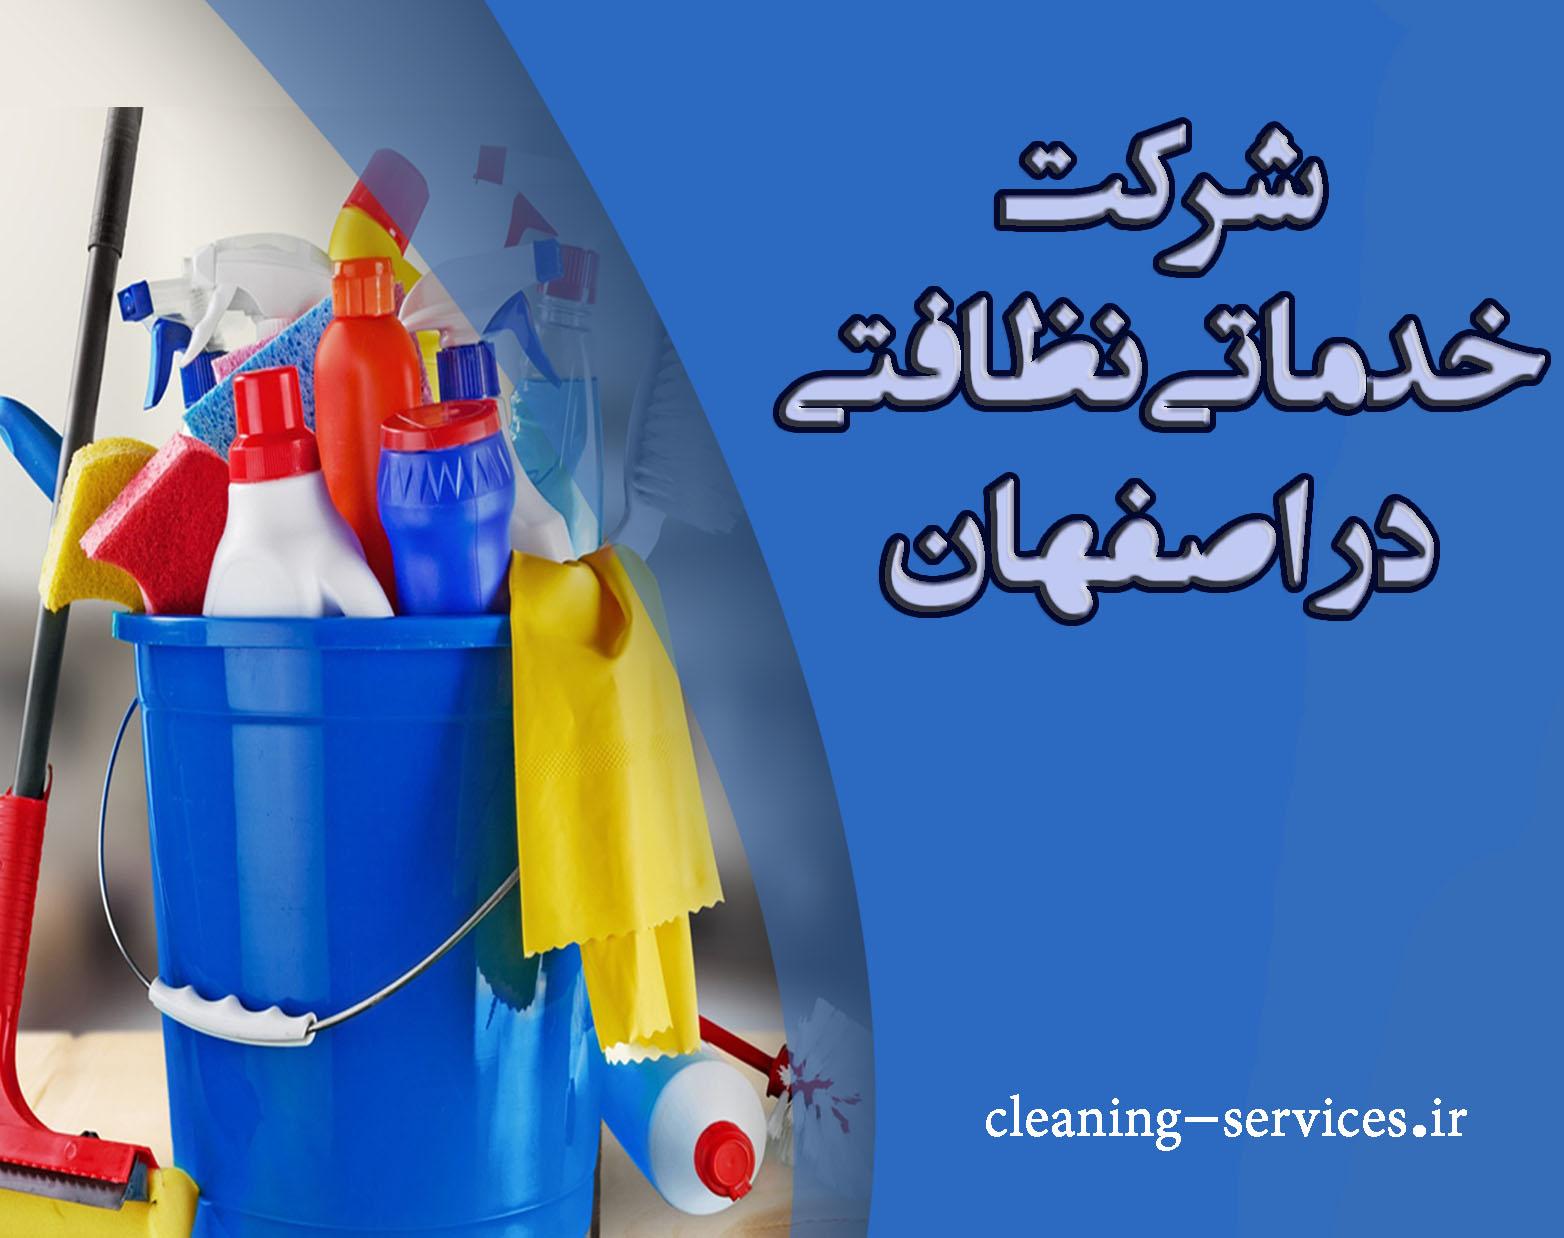 شرکت نظافتی در اصفهان